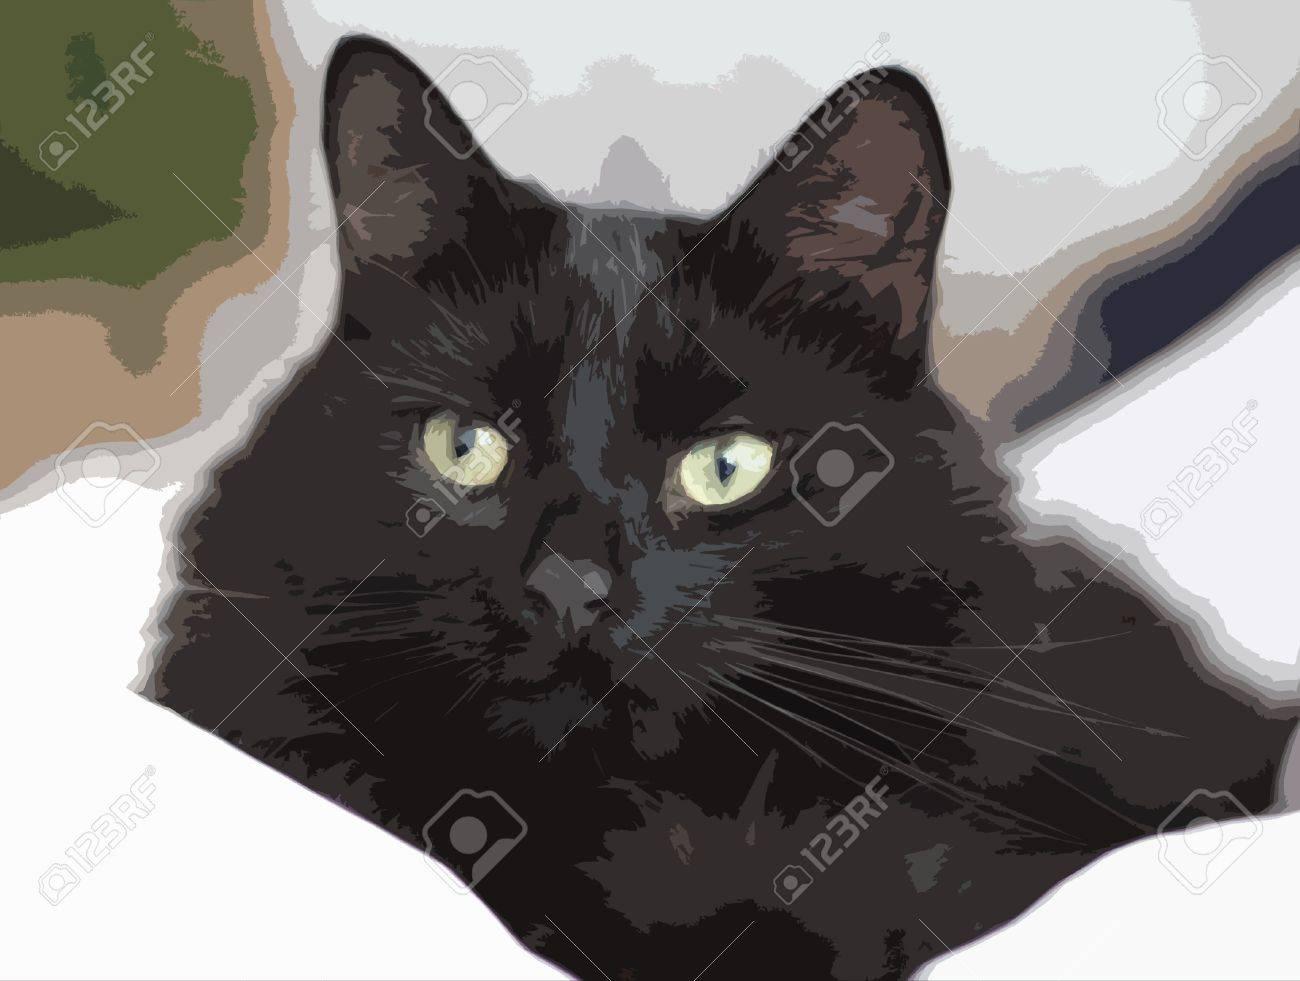 Blck pussy cat